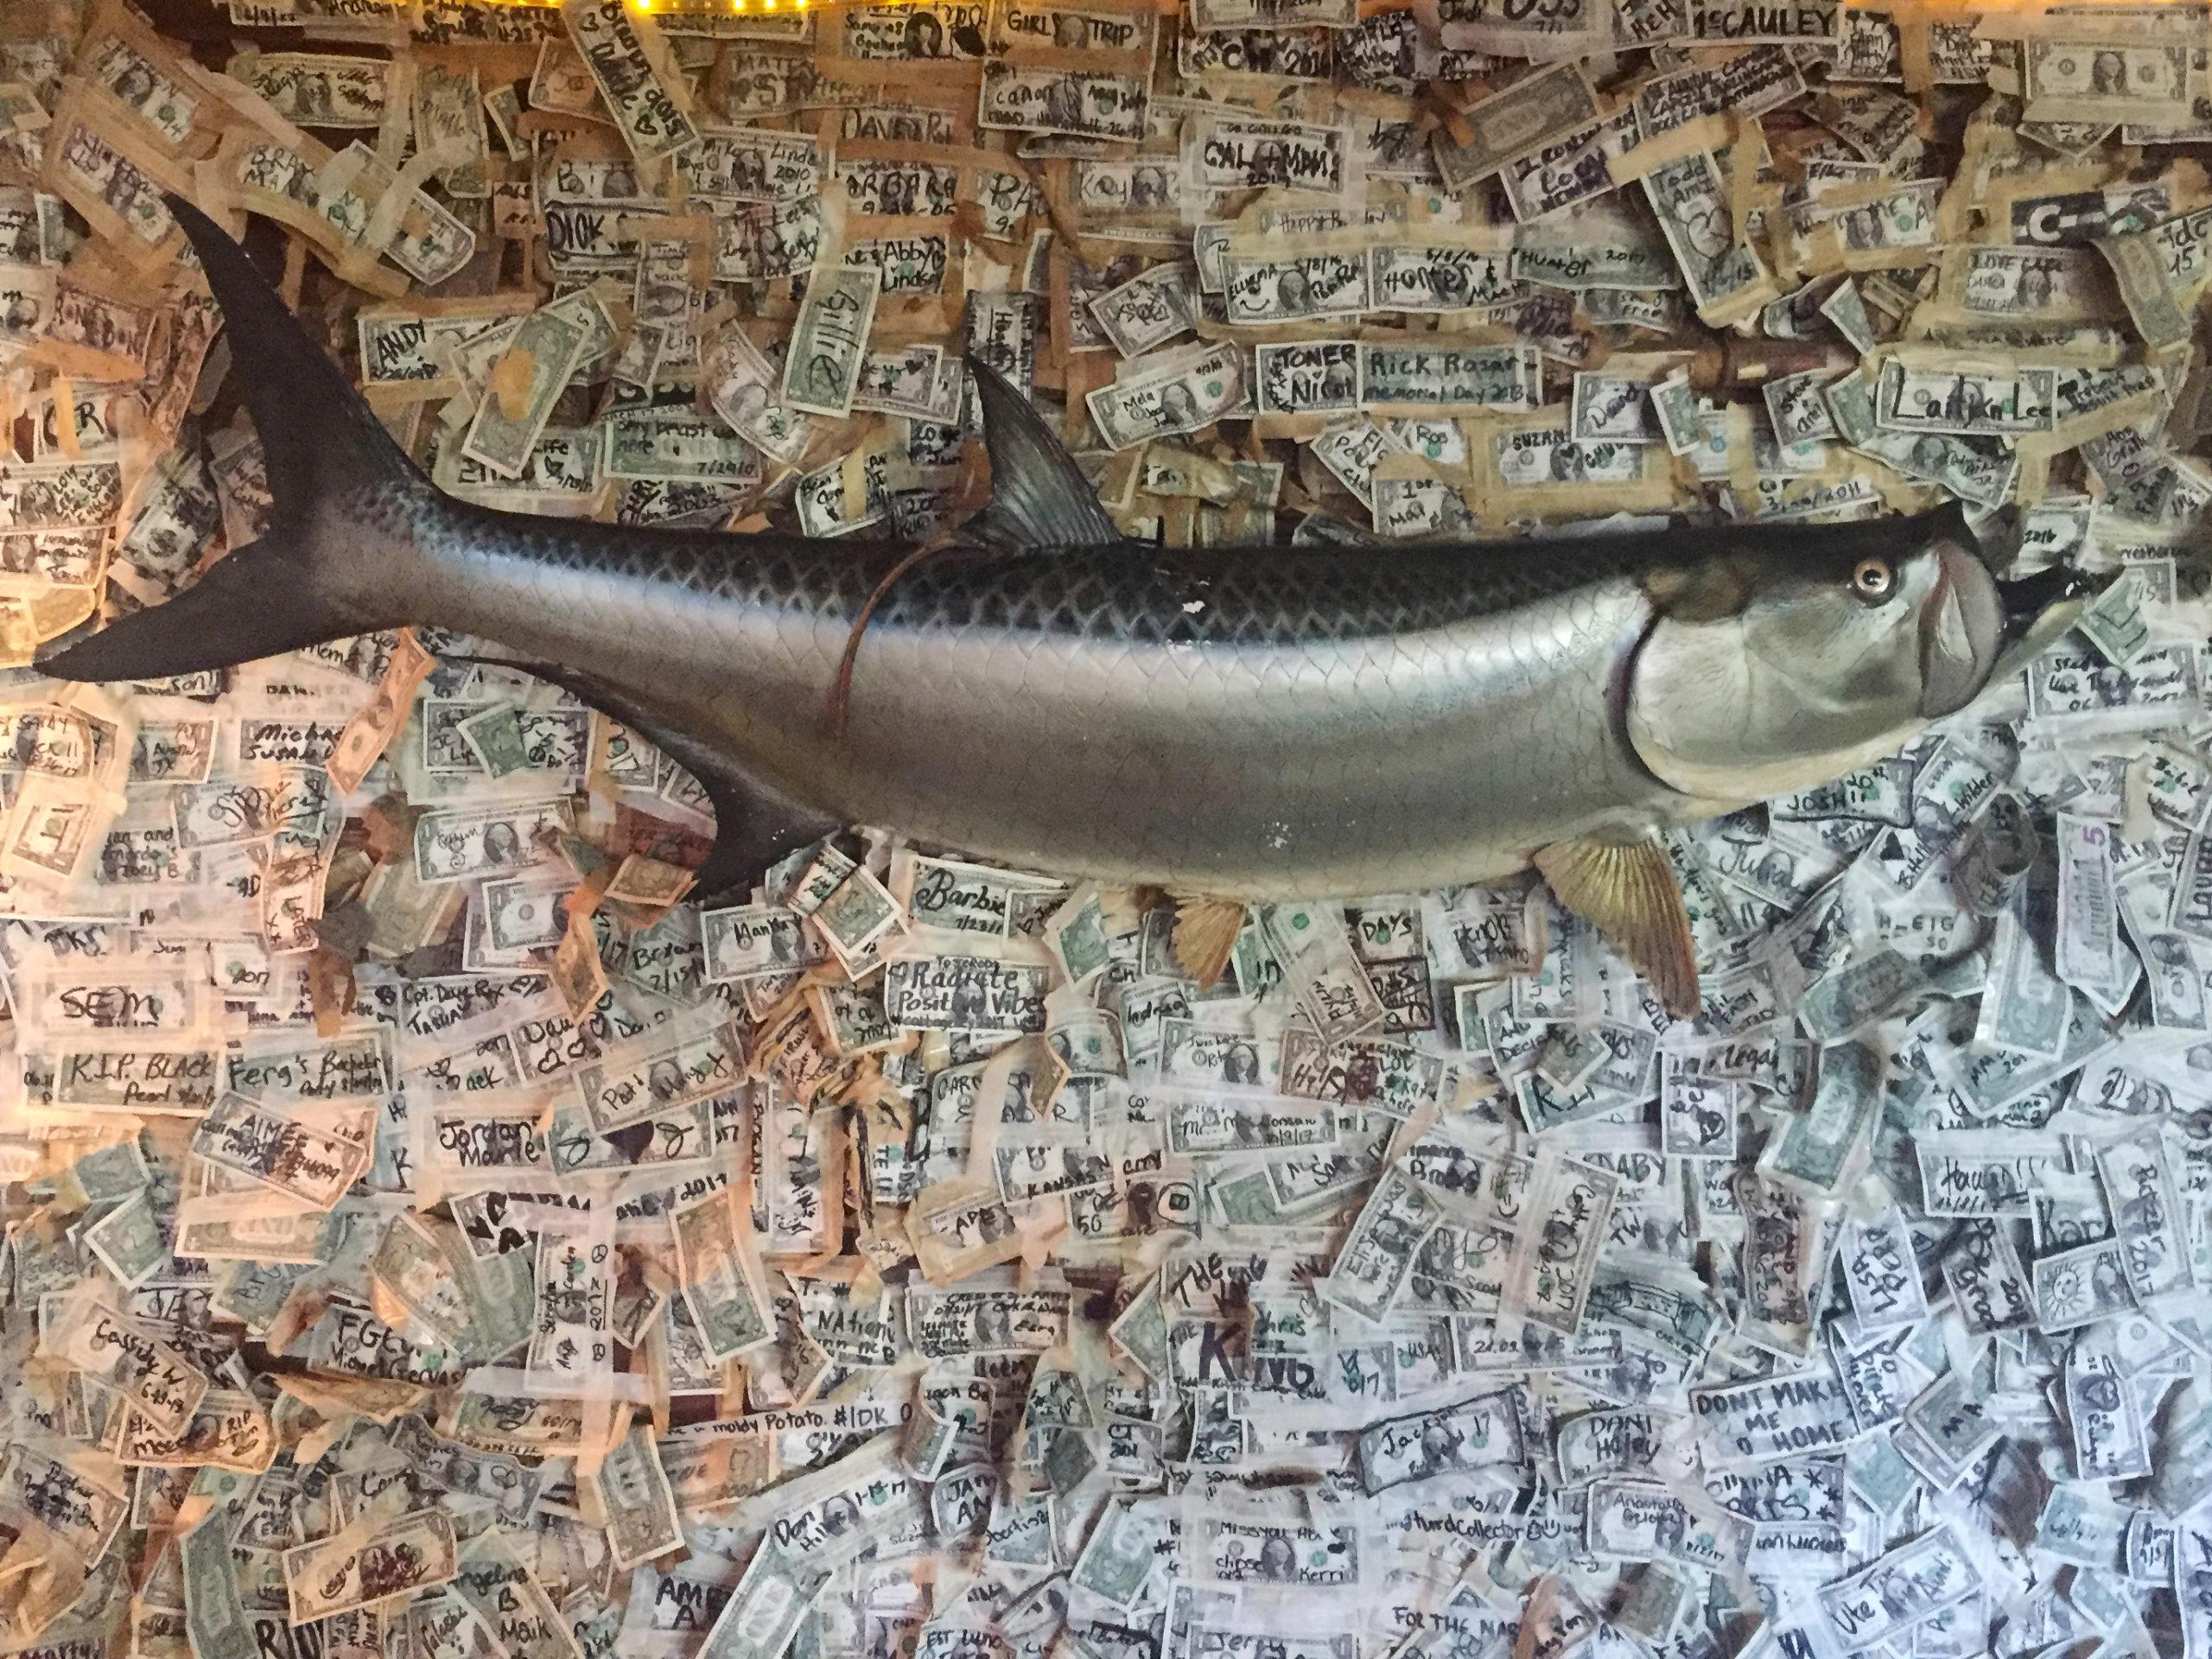 An der Wand des Restaurants auf der Insel Cabbage hängen Tausende Dollarscheine